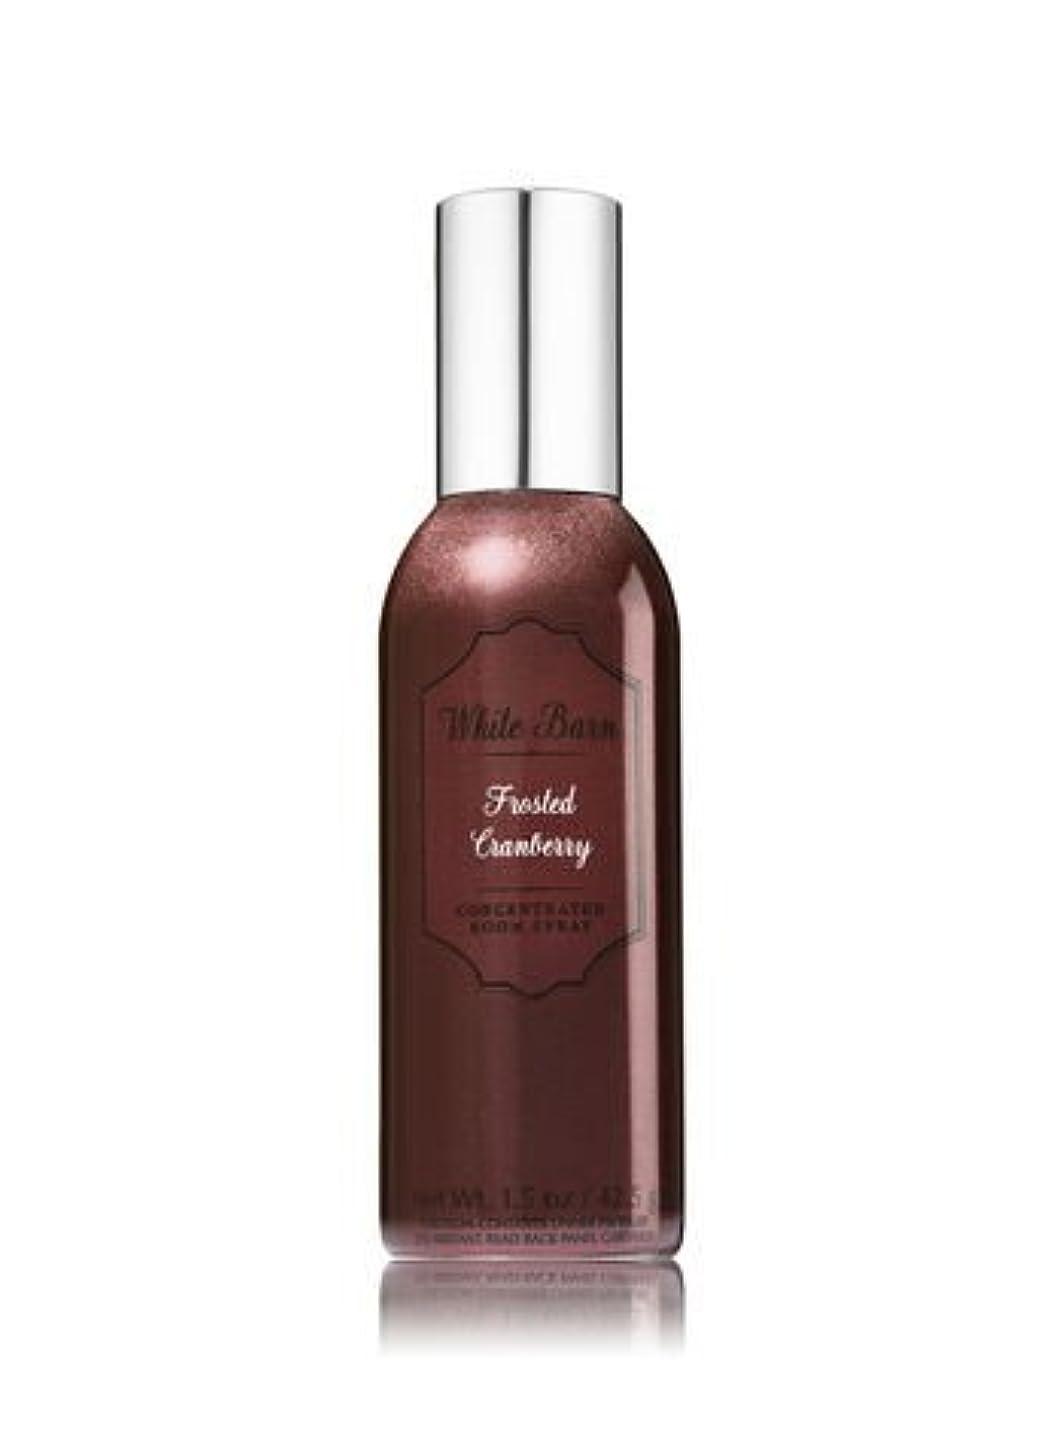 精度朝の体操をするポテト【Bath&Body Works/バス&ボディワークス】 ルームスプレー フロステッドクランベリー 1.5 oz. Concentrated Room Spray / Room Perfume Frosted Cranberry [並行輸入品]